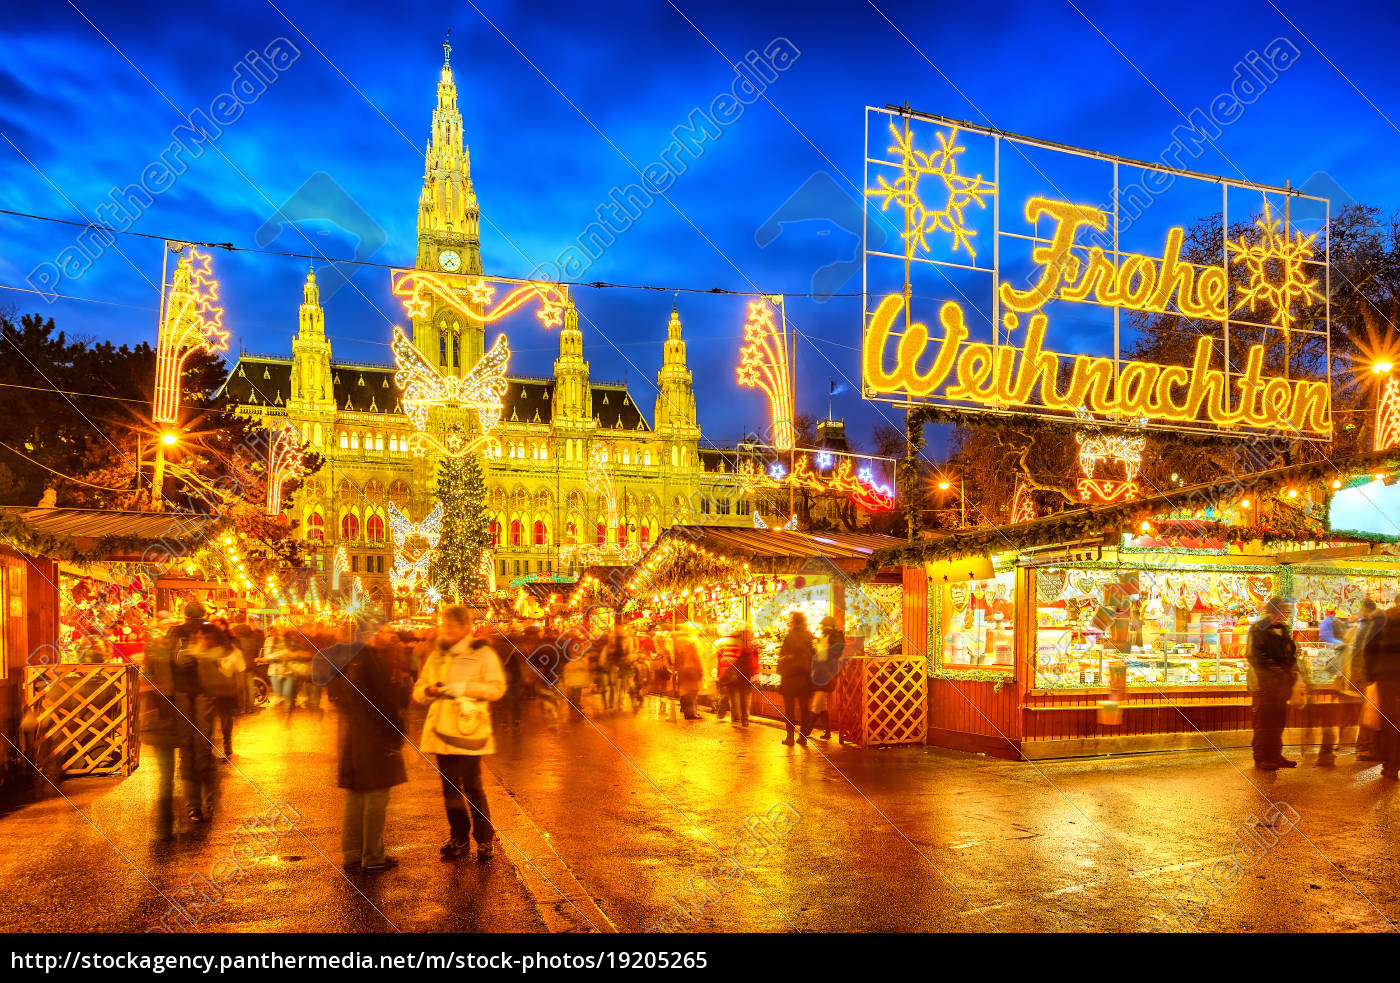 weihnachtsmarkt mit \'frohe weihnachten\' zeichen in wien - Stockfoto ...